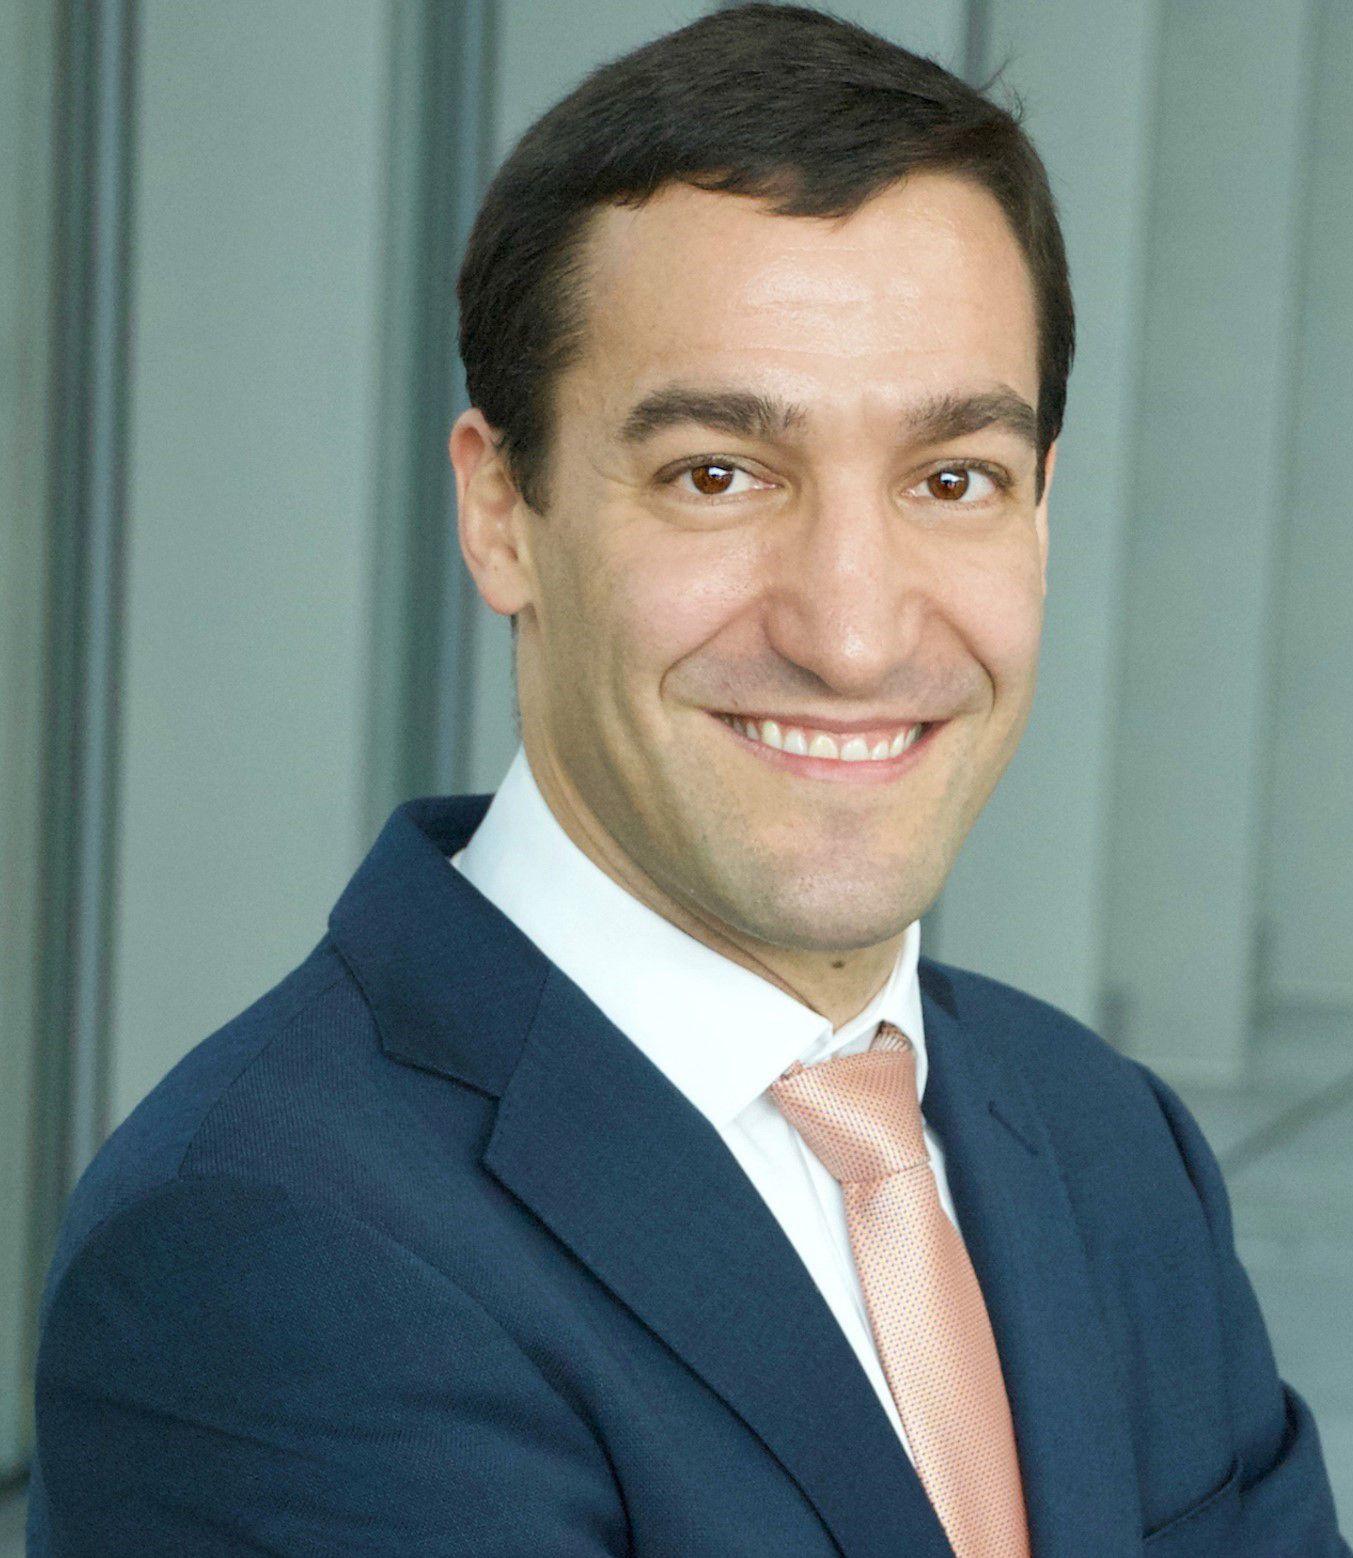 David Atienza Alonso, Ecole Polytechnique Federale de Lausanne, CH